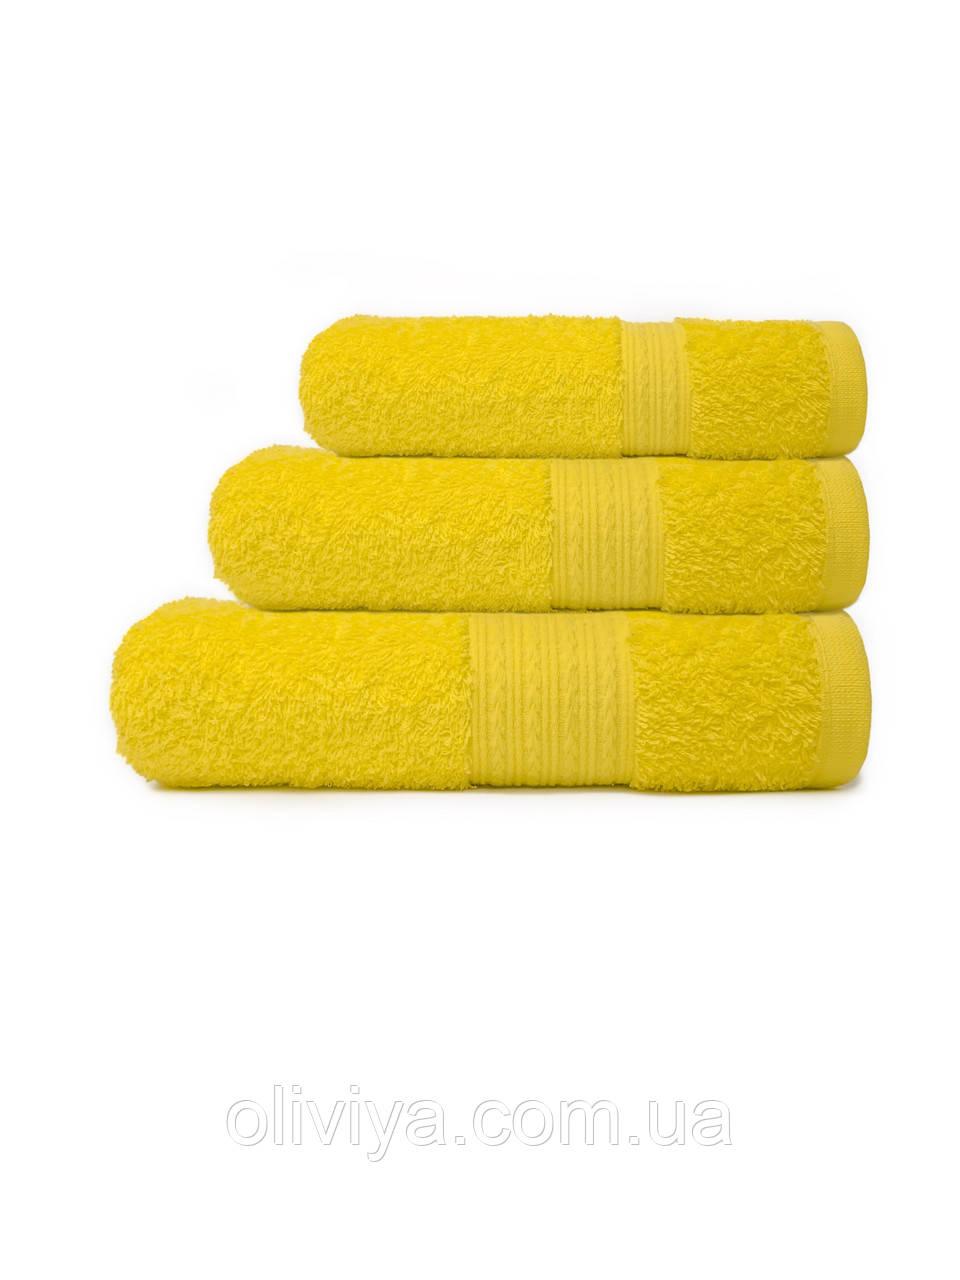 Полотенца для гостиниц лимонного цвета